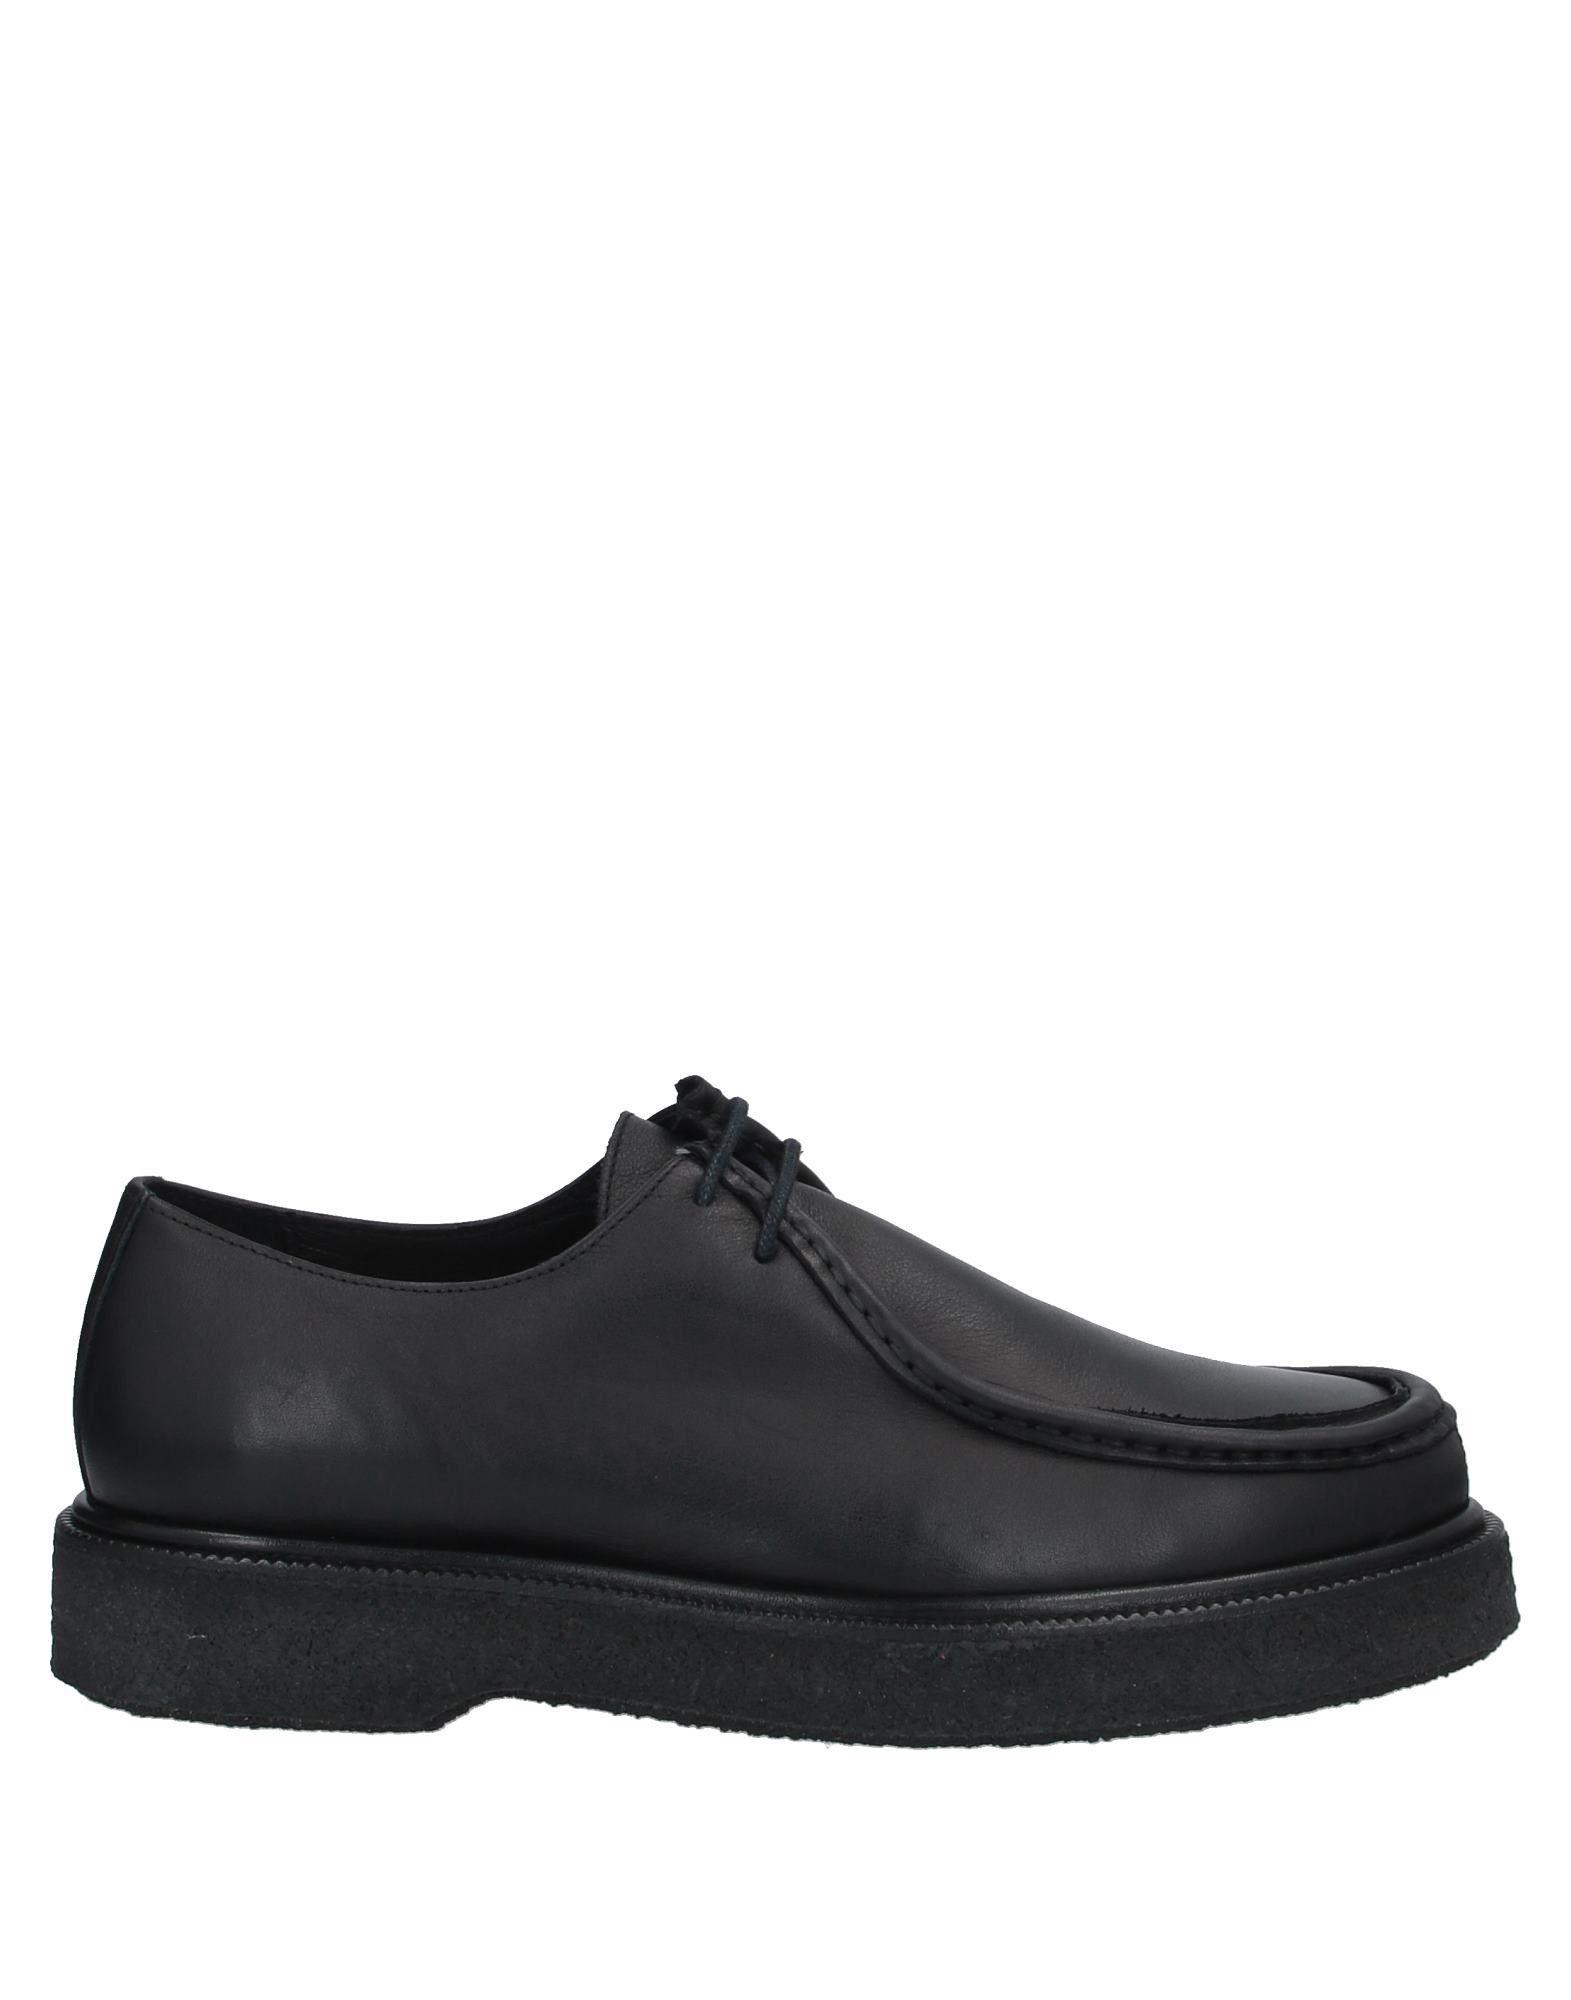 SELECTED HOMME Обувь на шнурках selected homme обувь на шнурках